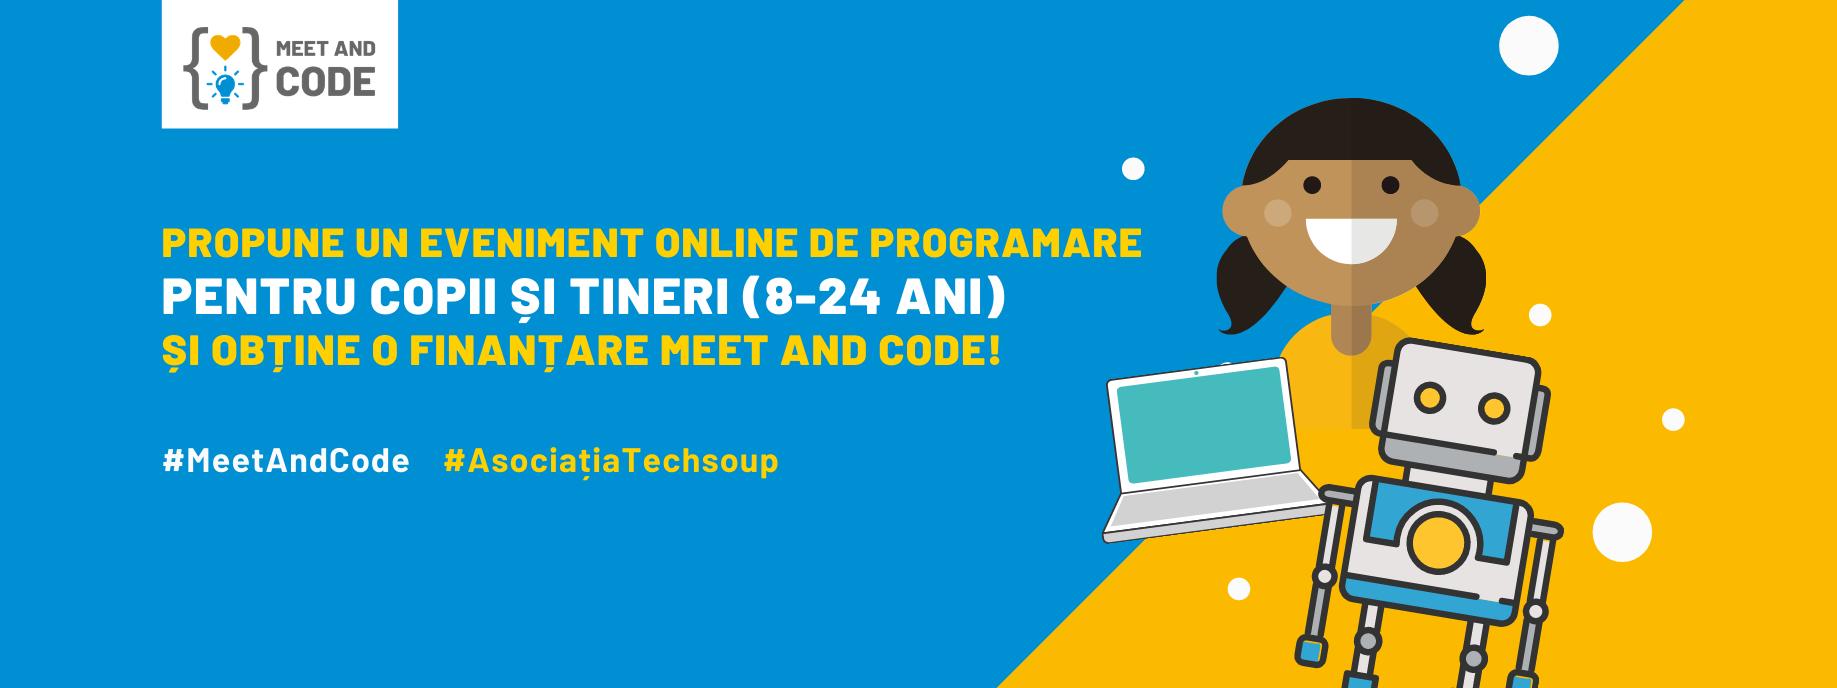 Ultimele zile pentru a aplica la Meet and Code 2021: finanțări pentru evenimente online de programare și tehnologie